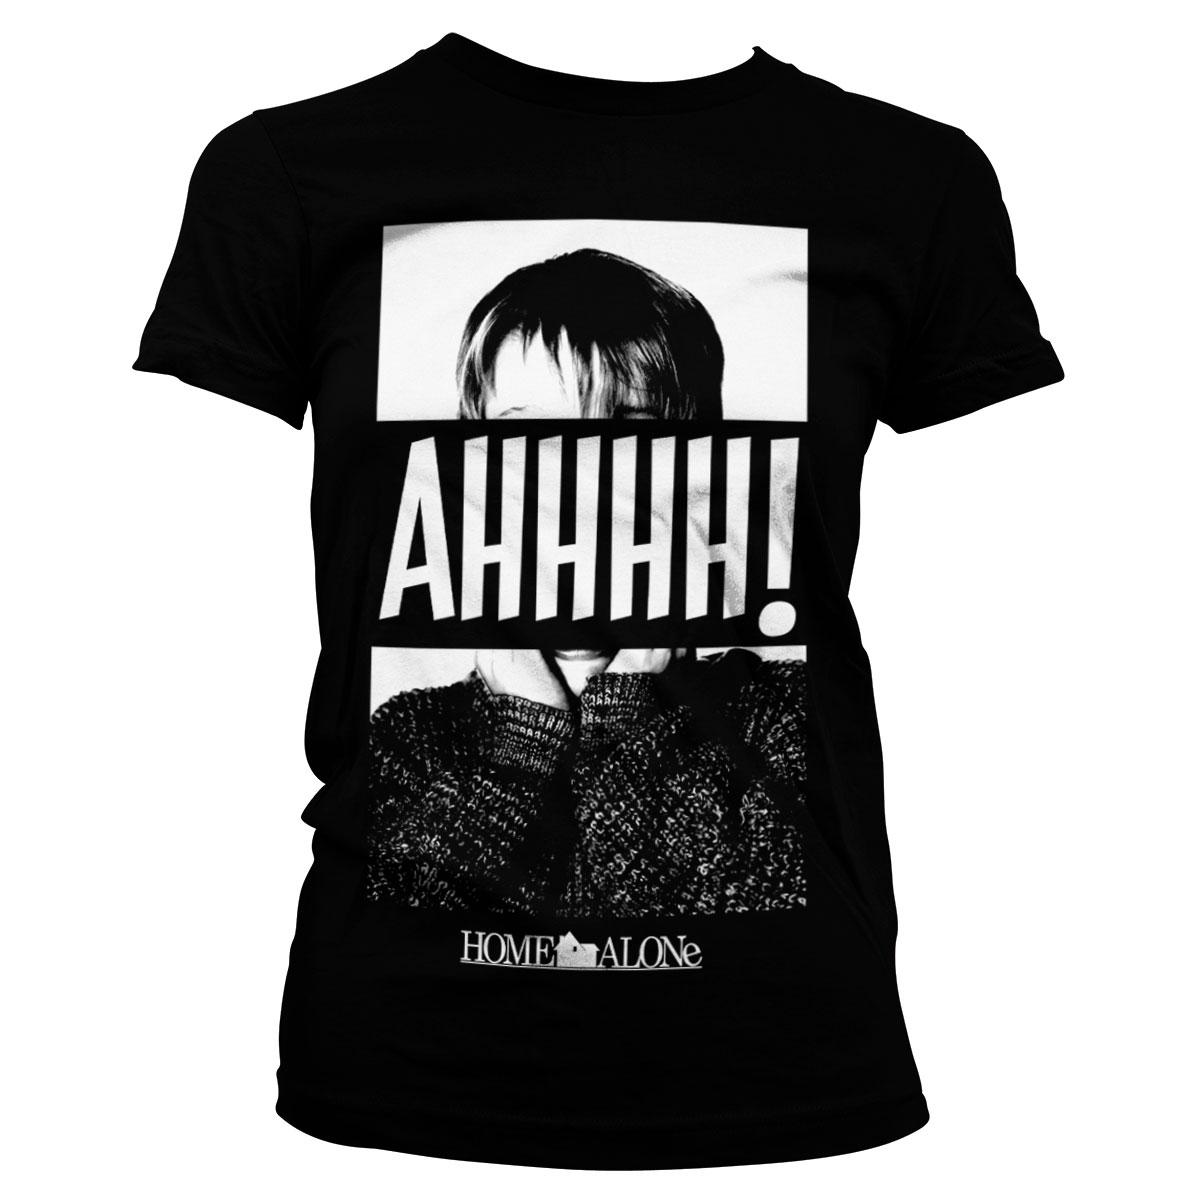 Alene_hjemme_ahhh-kvinde-t-shirt